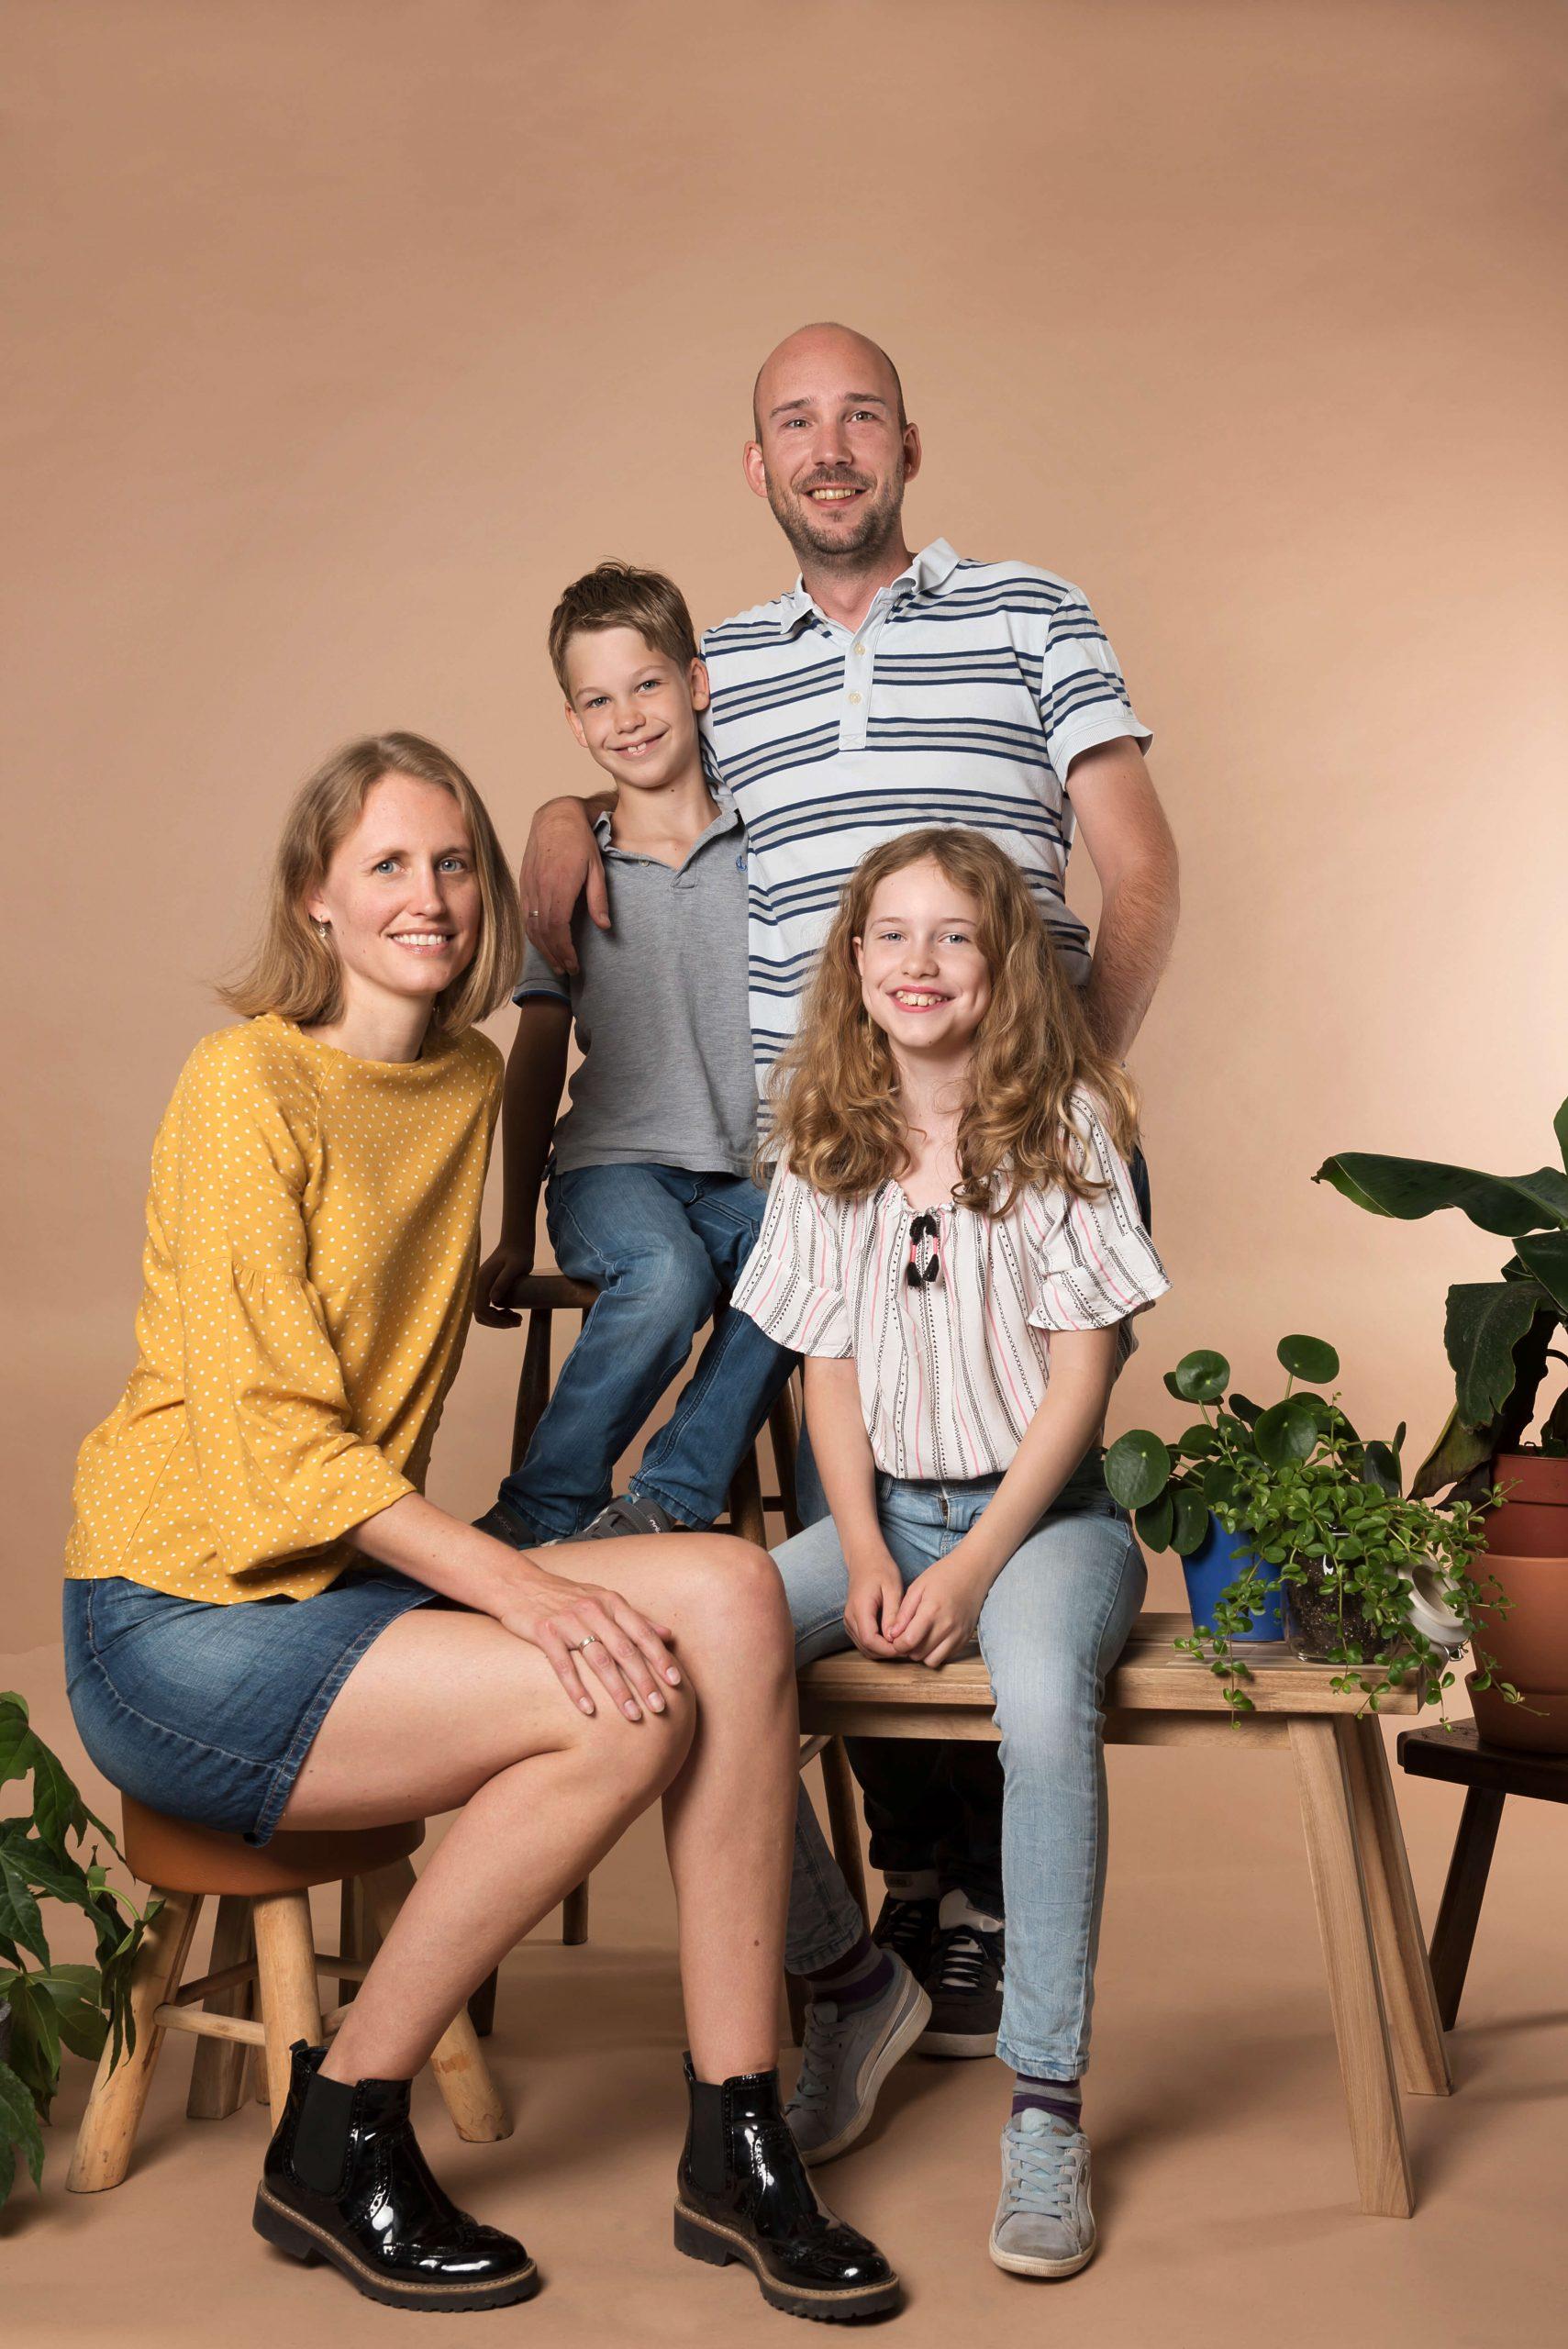 Familie foto planten bankje spontaan